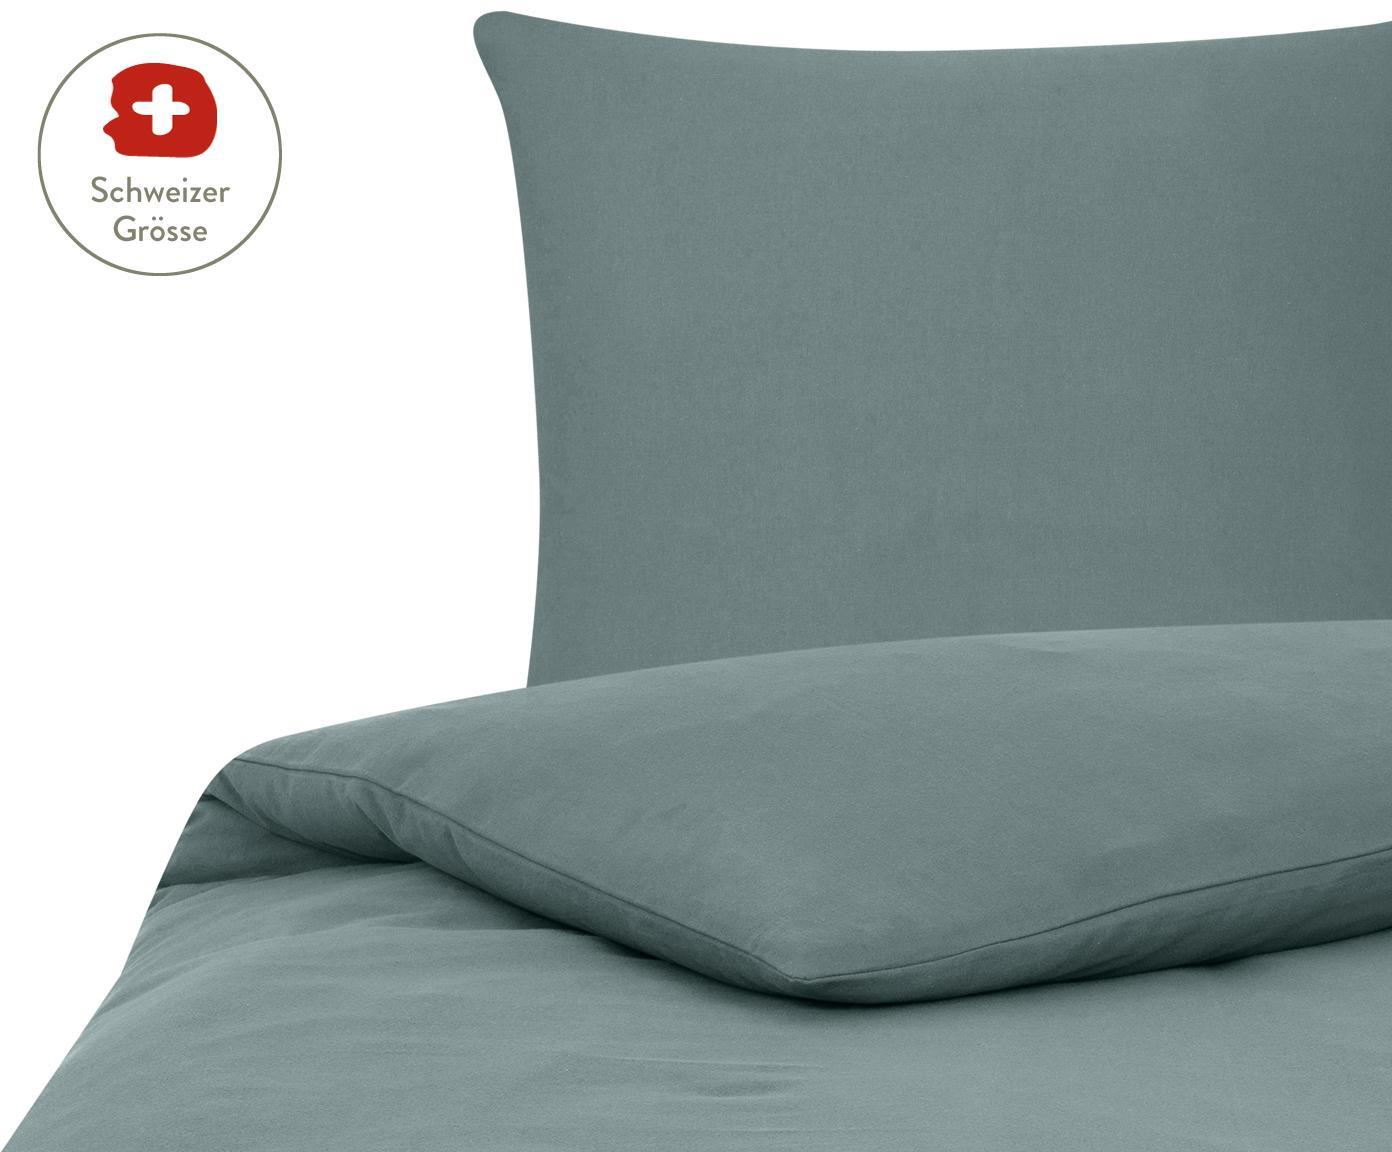 Flanell-Bettdeckenbezug Erica in Dunkelgrün, Webart: Flanell, Dunkelgrün, 160 x 210 cm